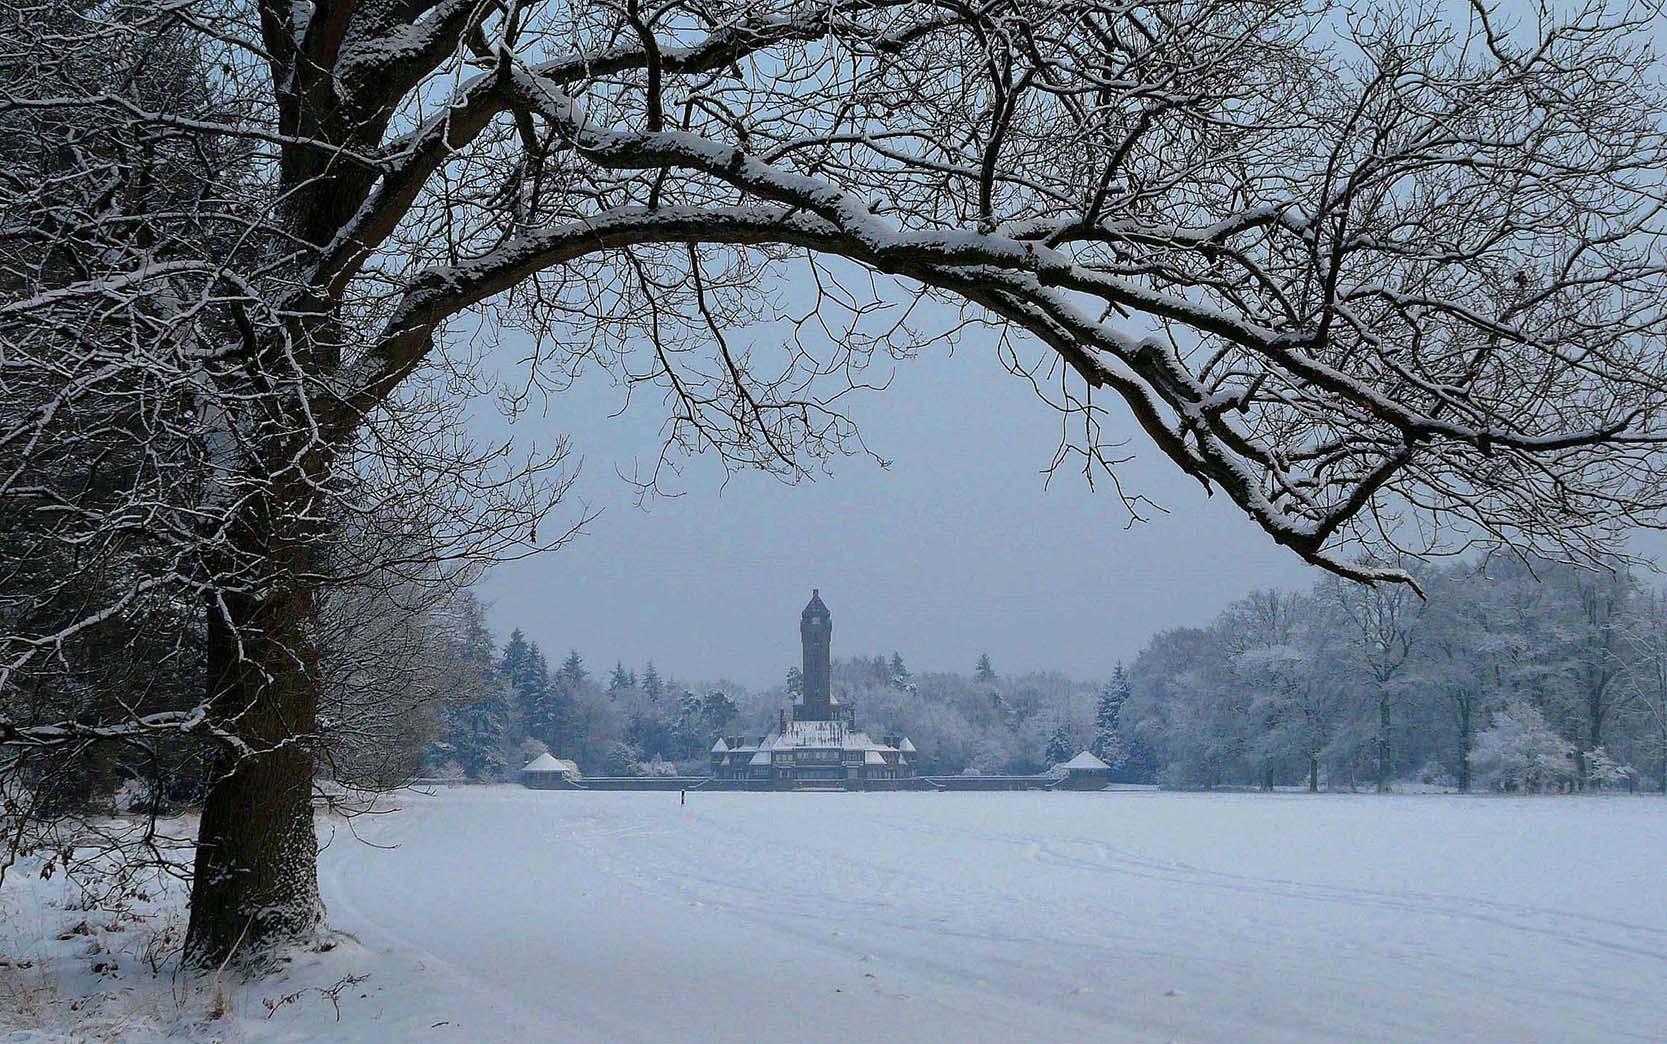 p1700093-2-scherpHet Jachthuis Sint Hubertus op de Hoge Veluwe in de winter - Foto: ©Louis Fraanje